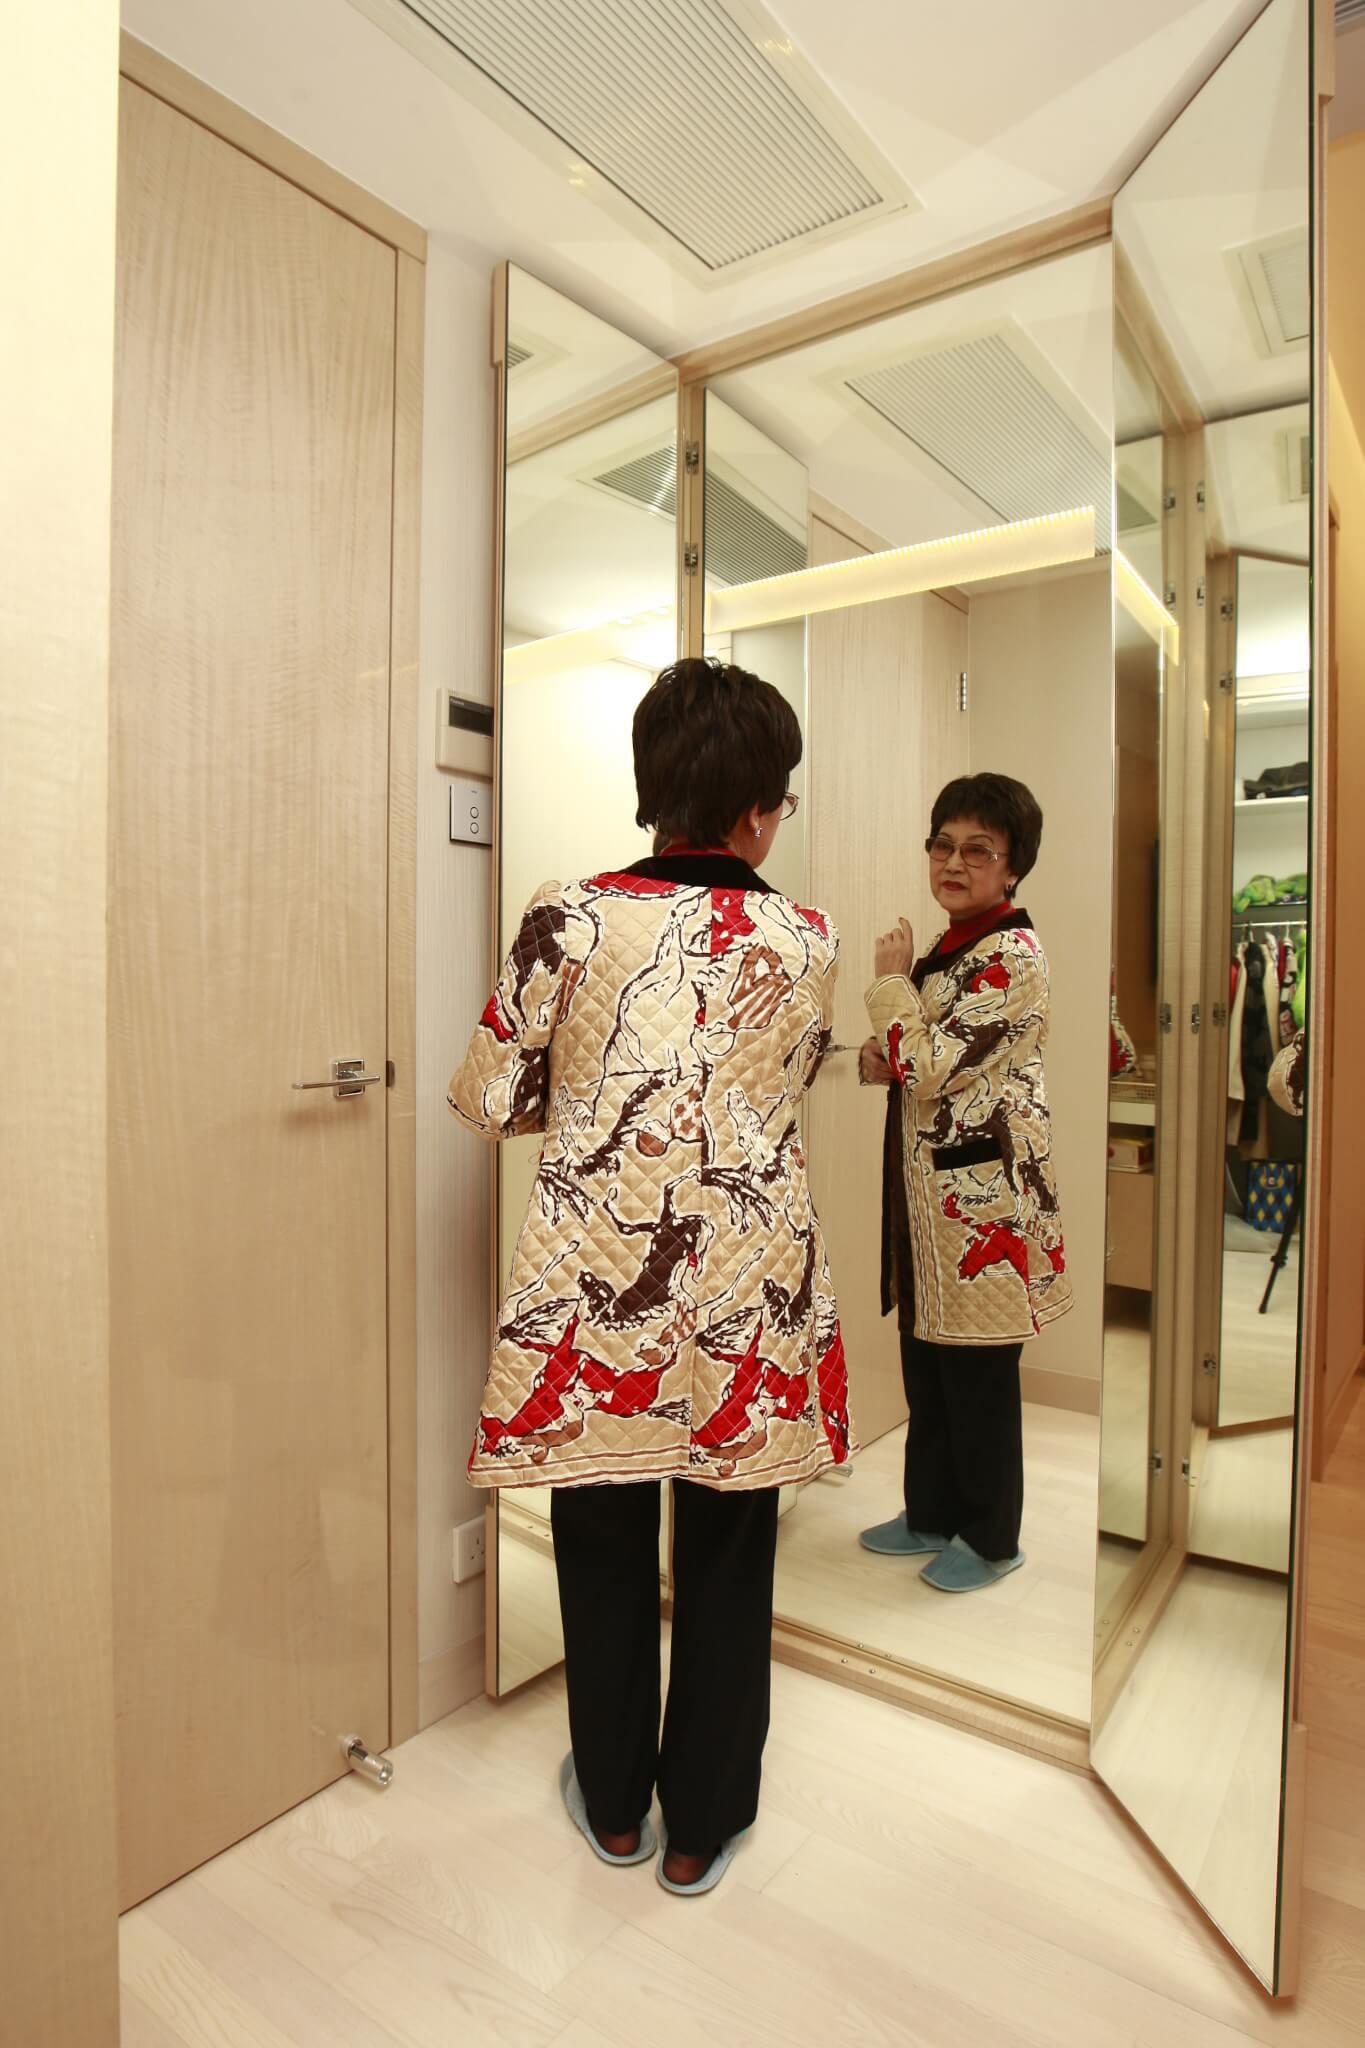 裝修師傅在門的旁邊裝了三面全身鏡,不用時可以把門關上,變回一道牆。